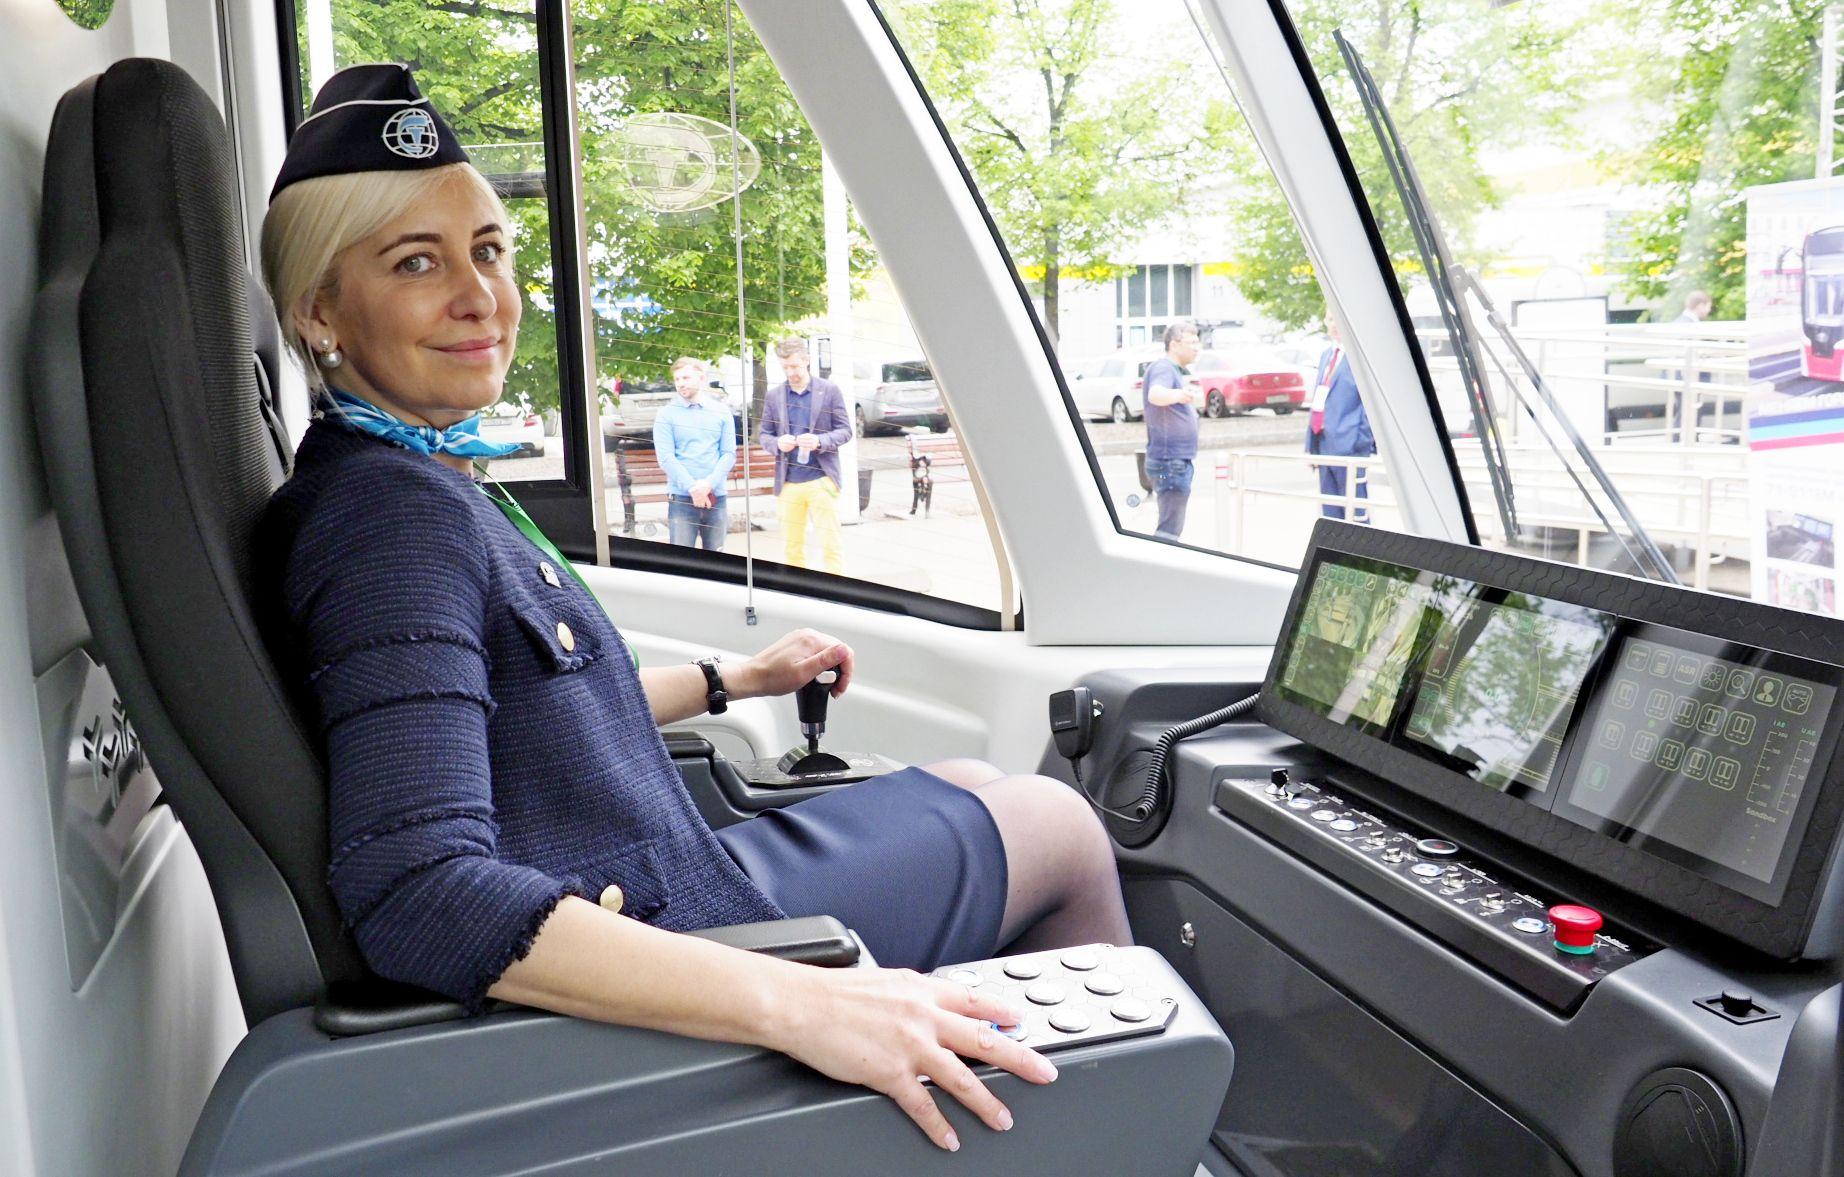 Между станциями МЦК «Дубровка» и «Угрешская» исчезнут трамваи